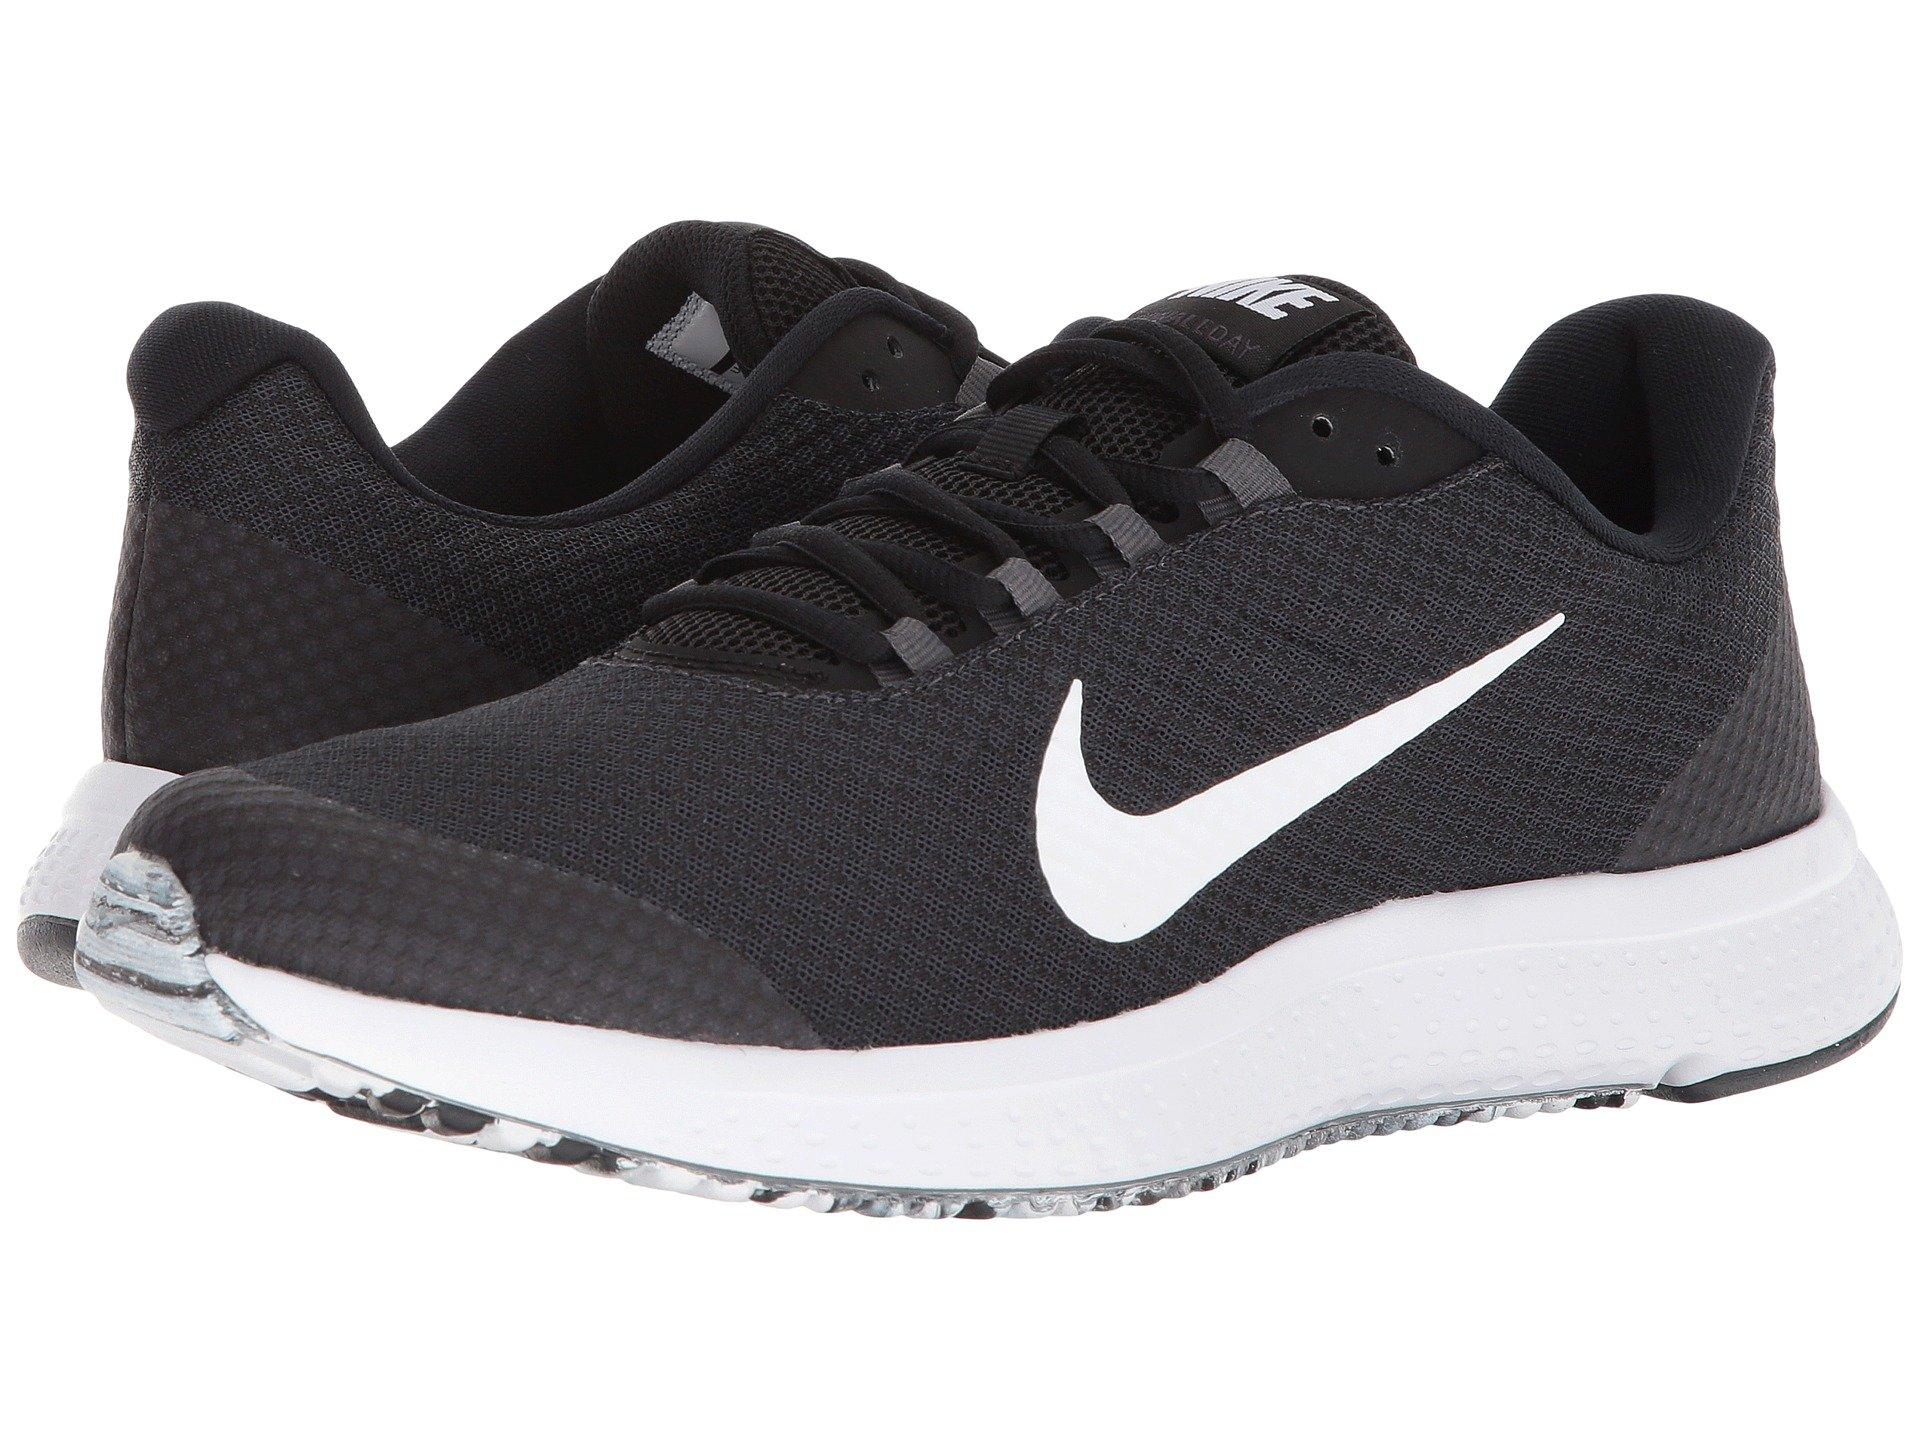 Grau Nike Air Yeezy 2 Nrg Uk Leuchten Schuhe Fur Kinder Jungen